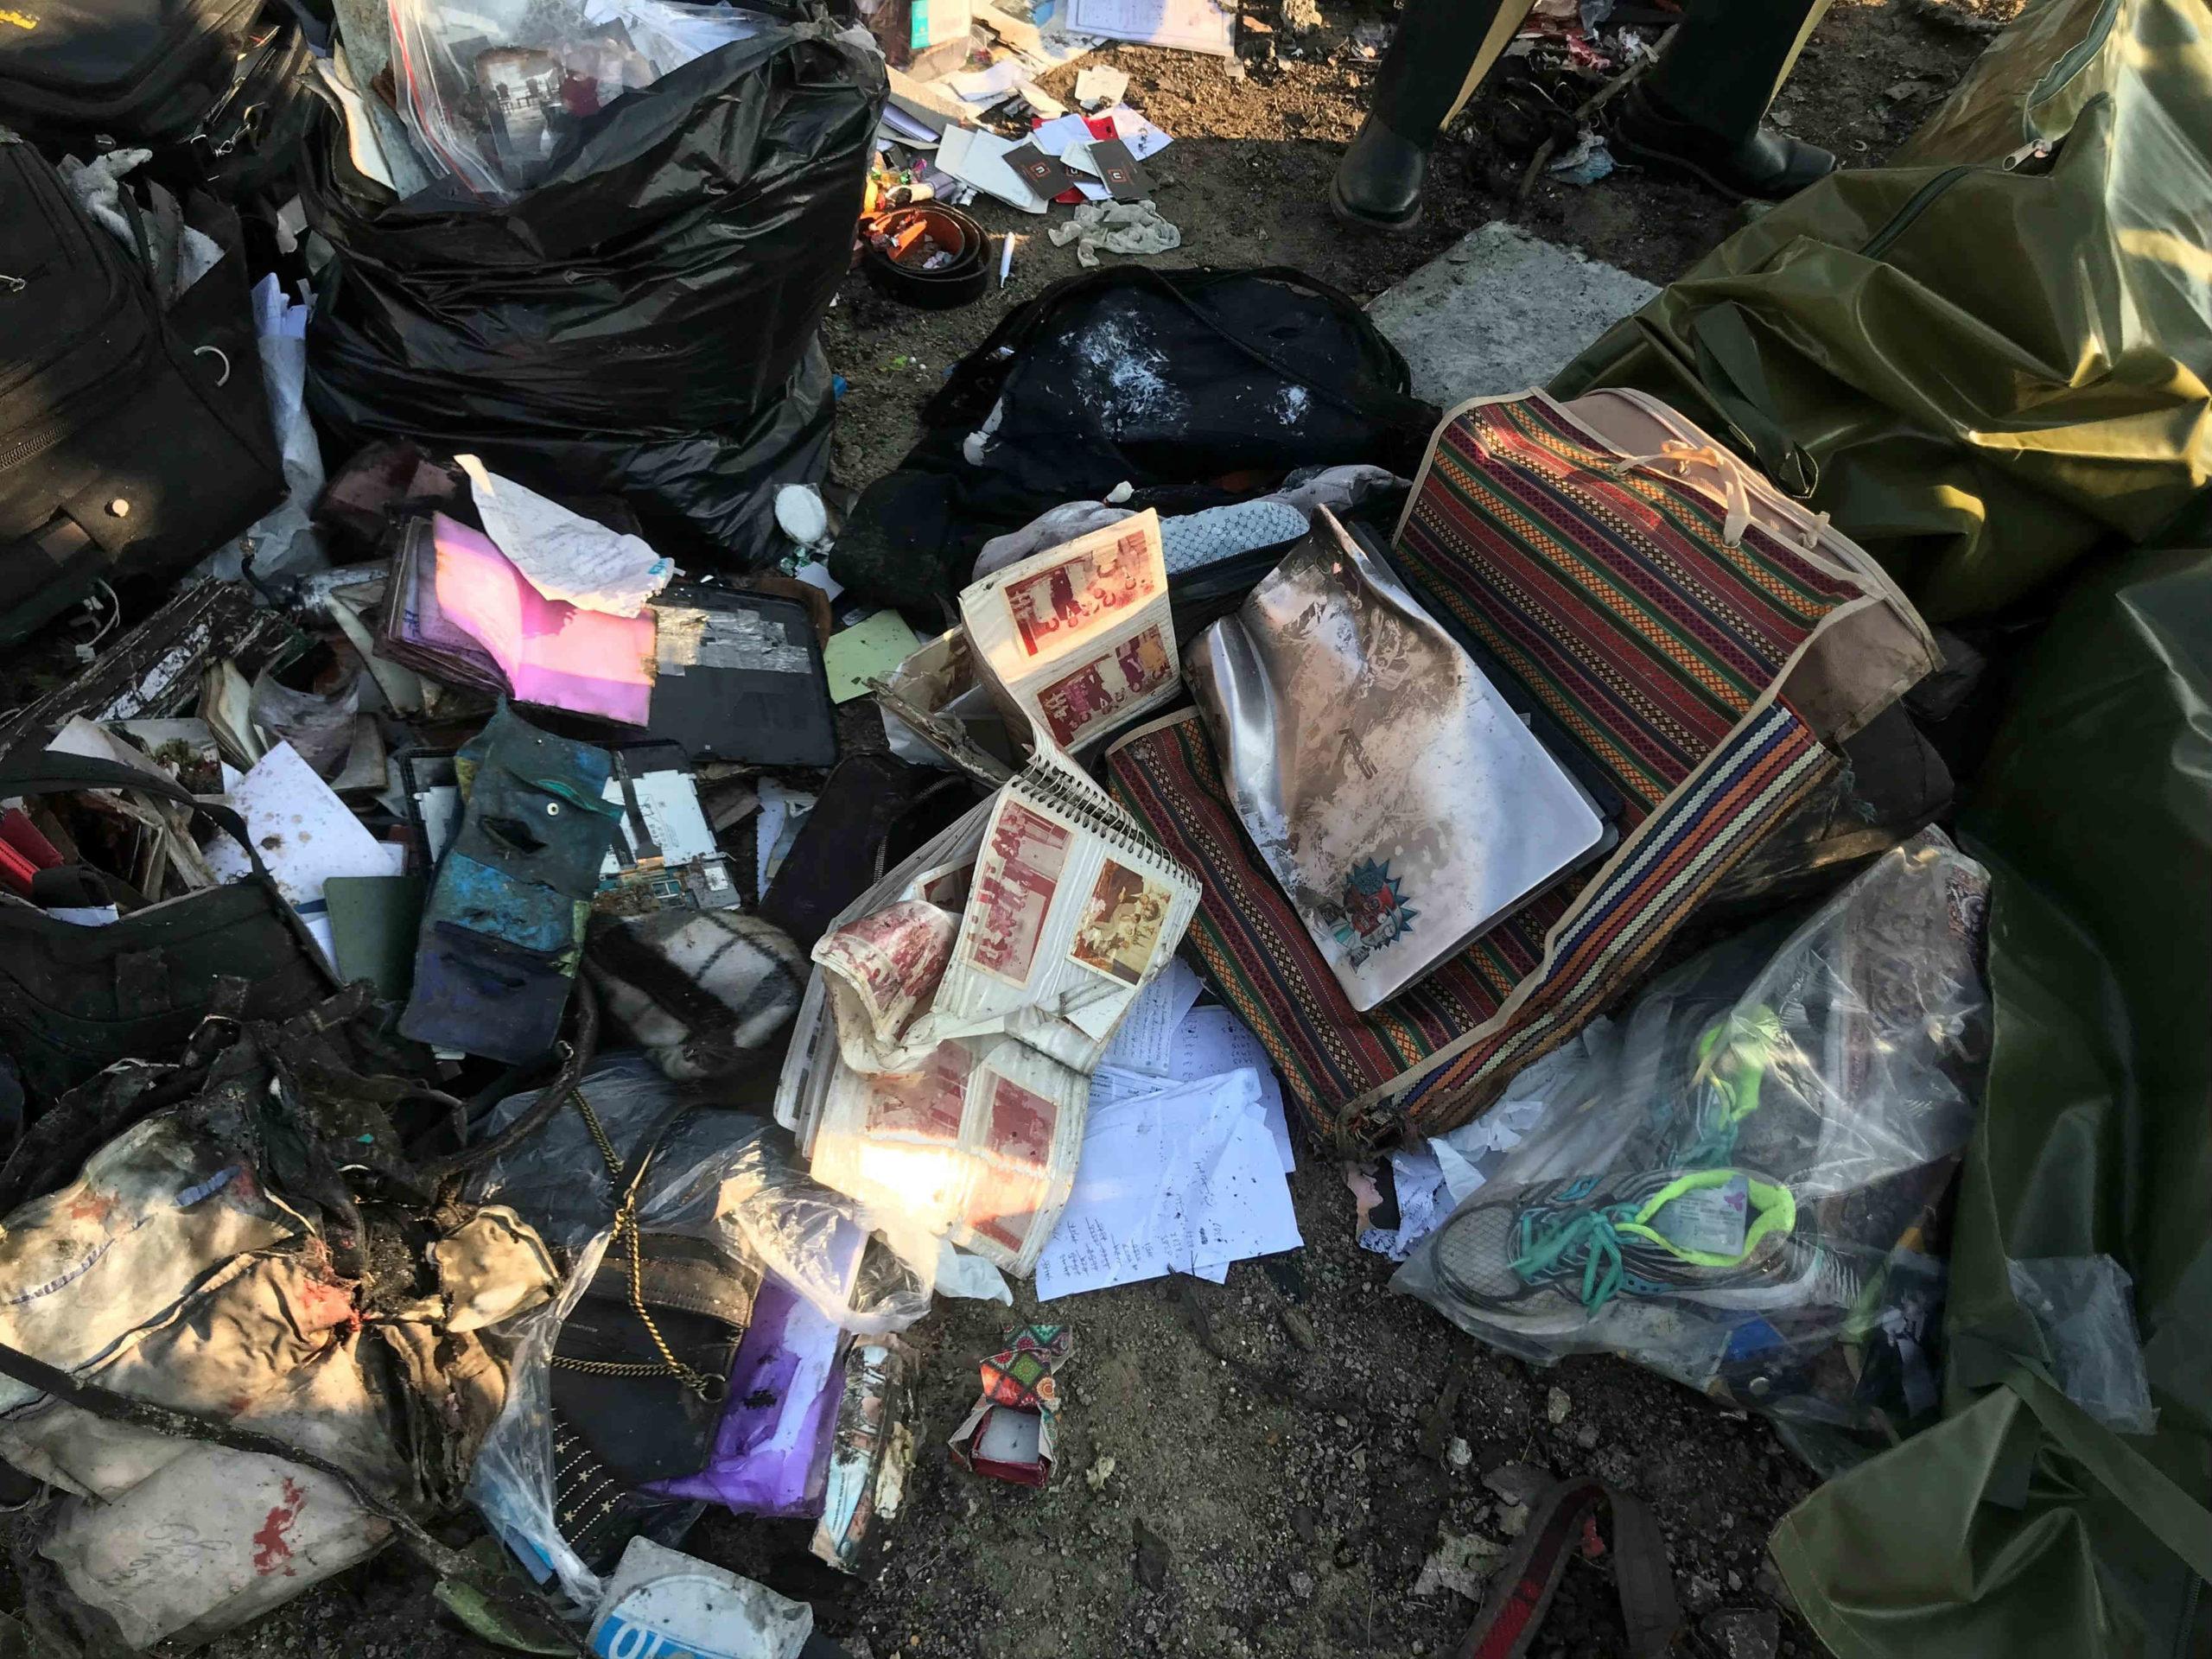 تصویر از آزادی سه متهم مرتبط با سقوط هواپیمای اوکراینی به قید وثیقه